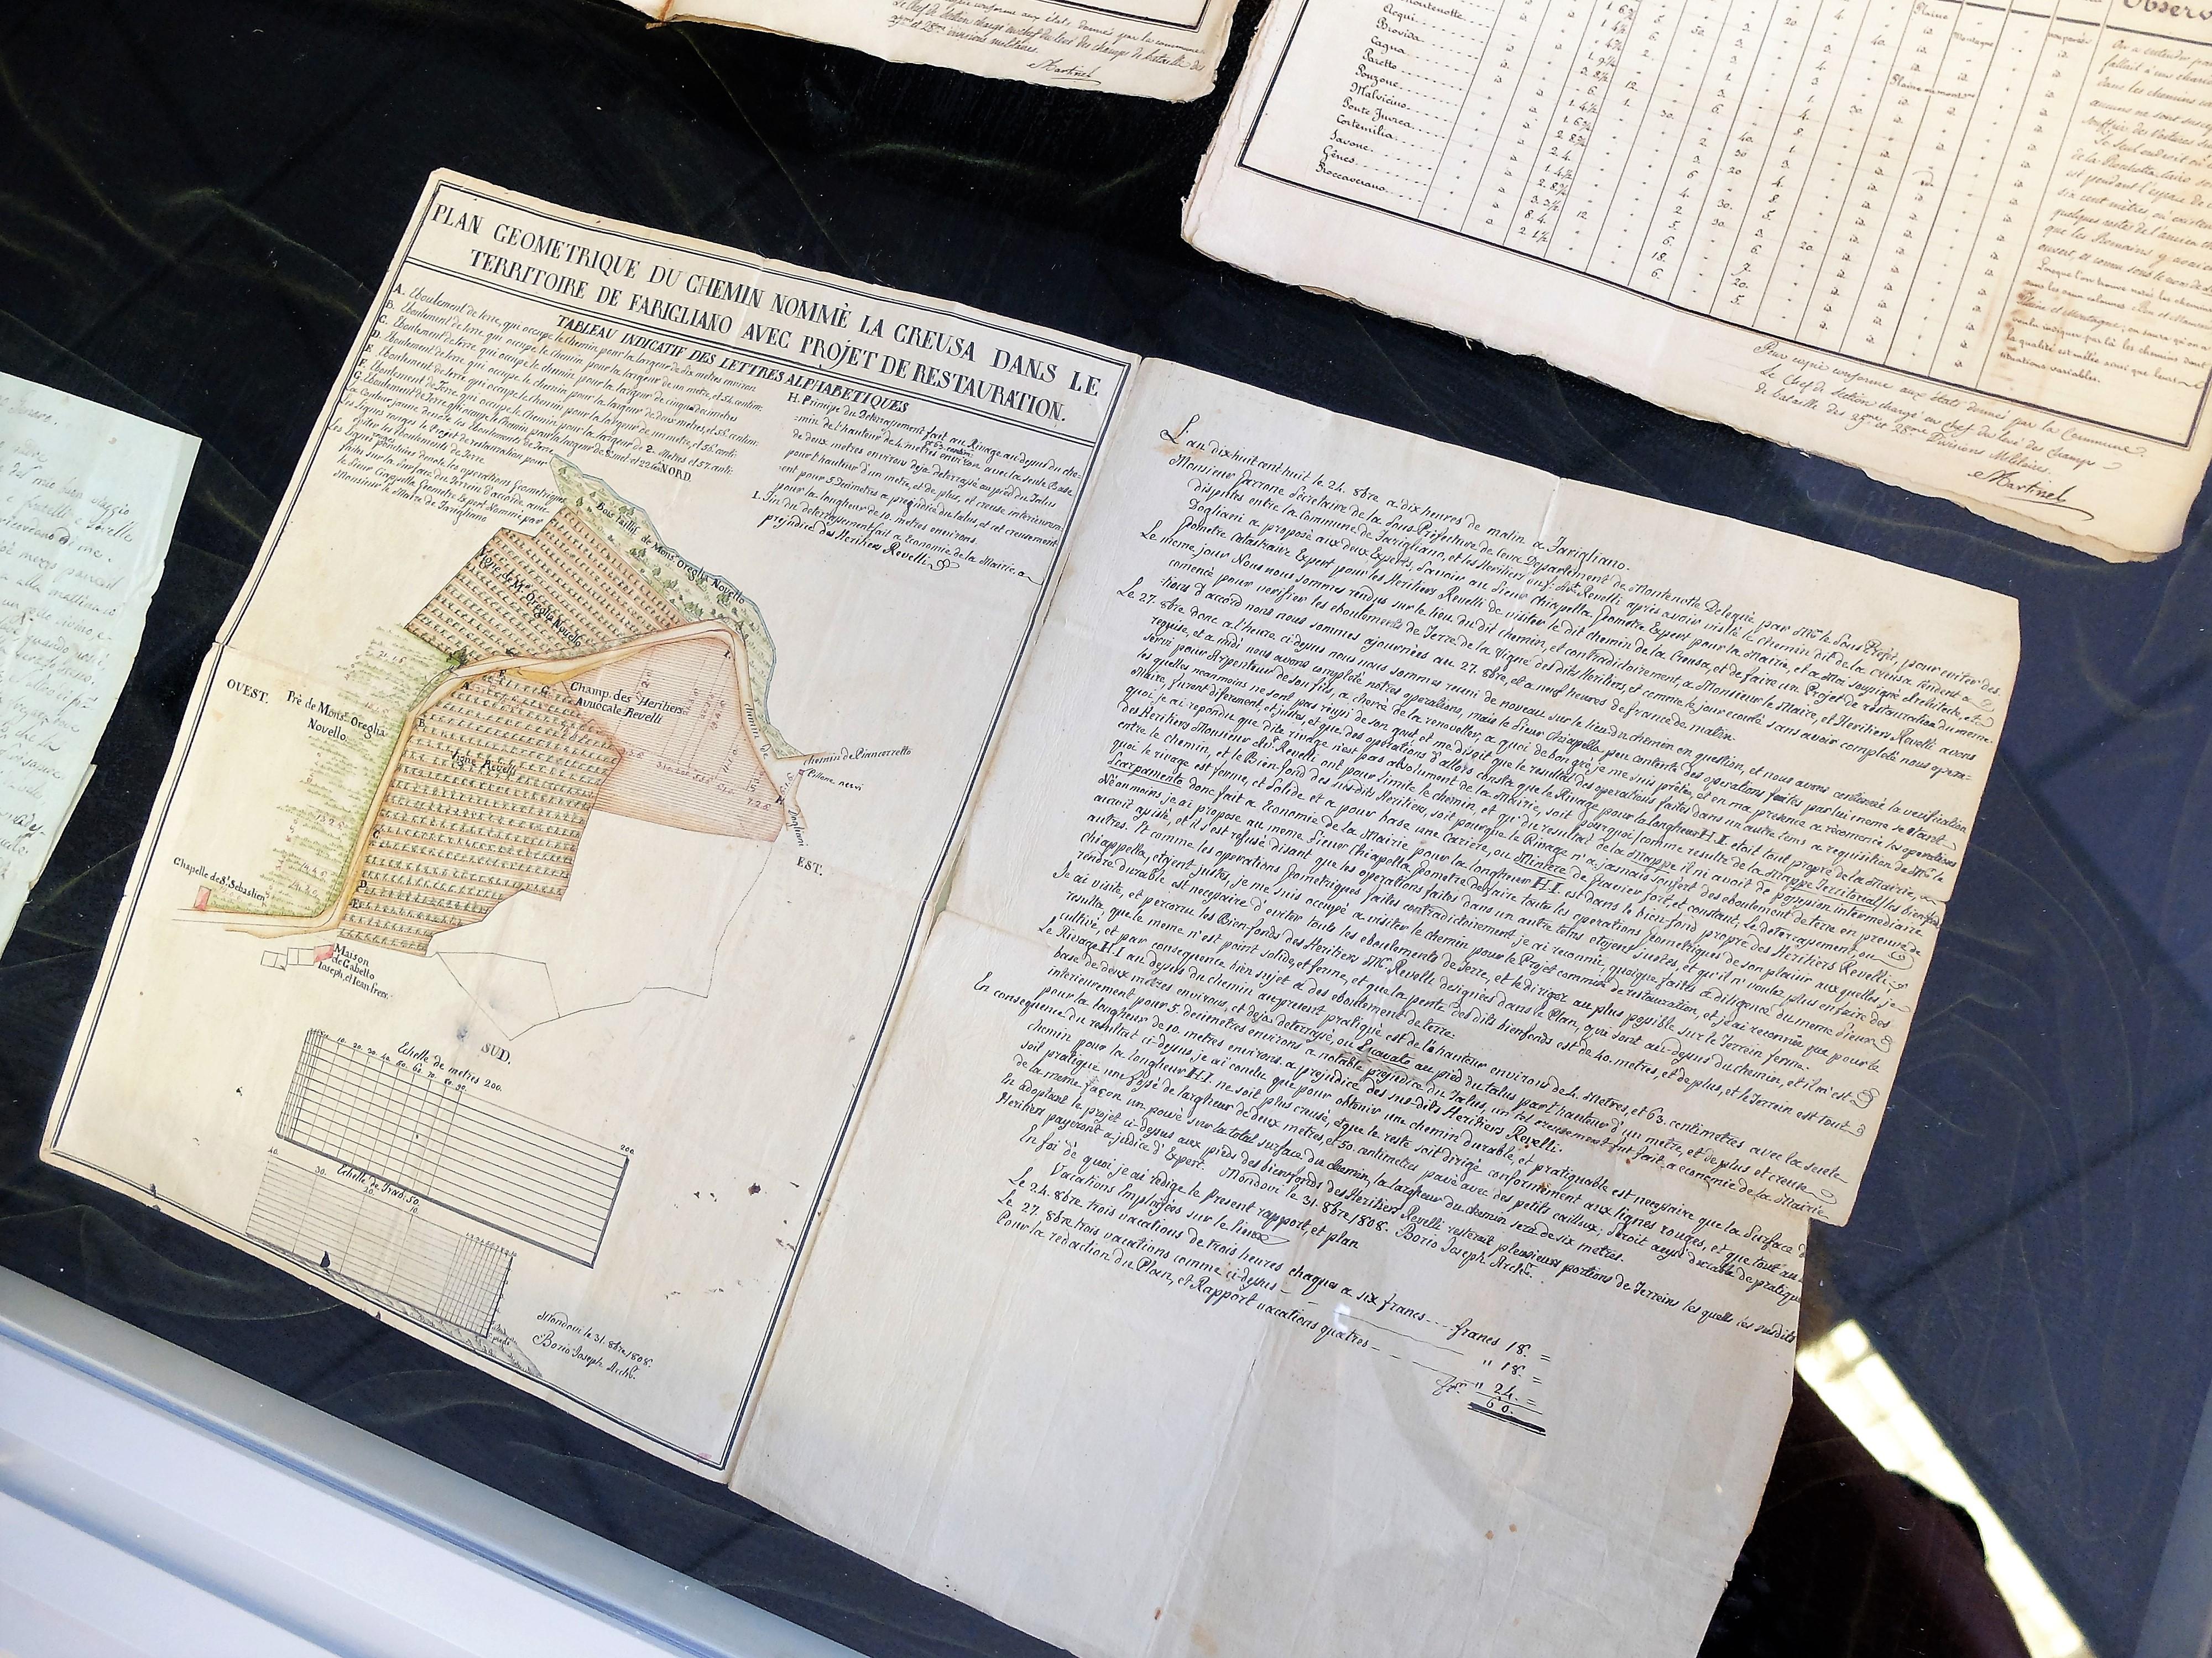 Mappa per la stesura del catasto napoleonico